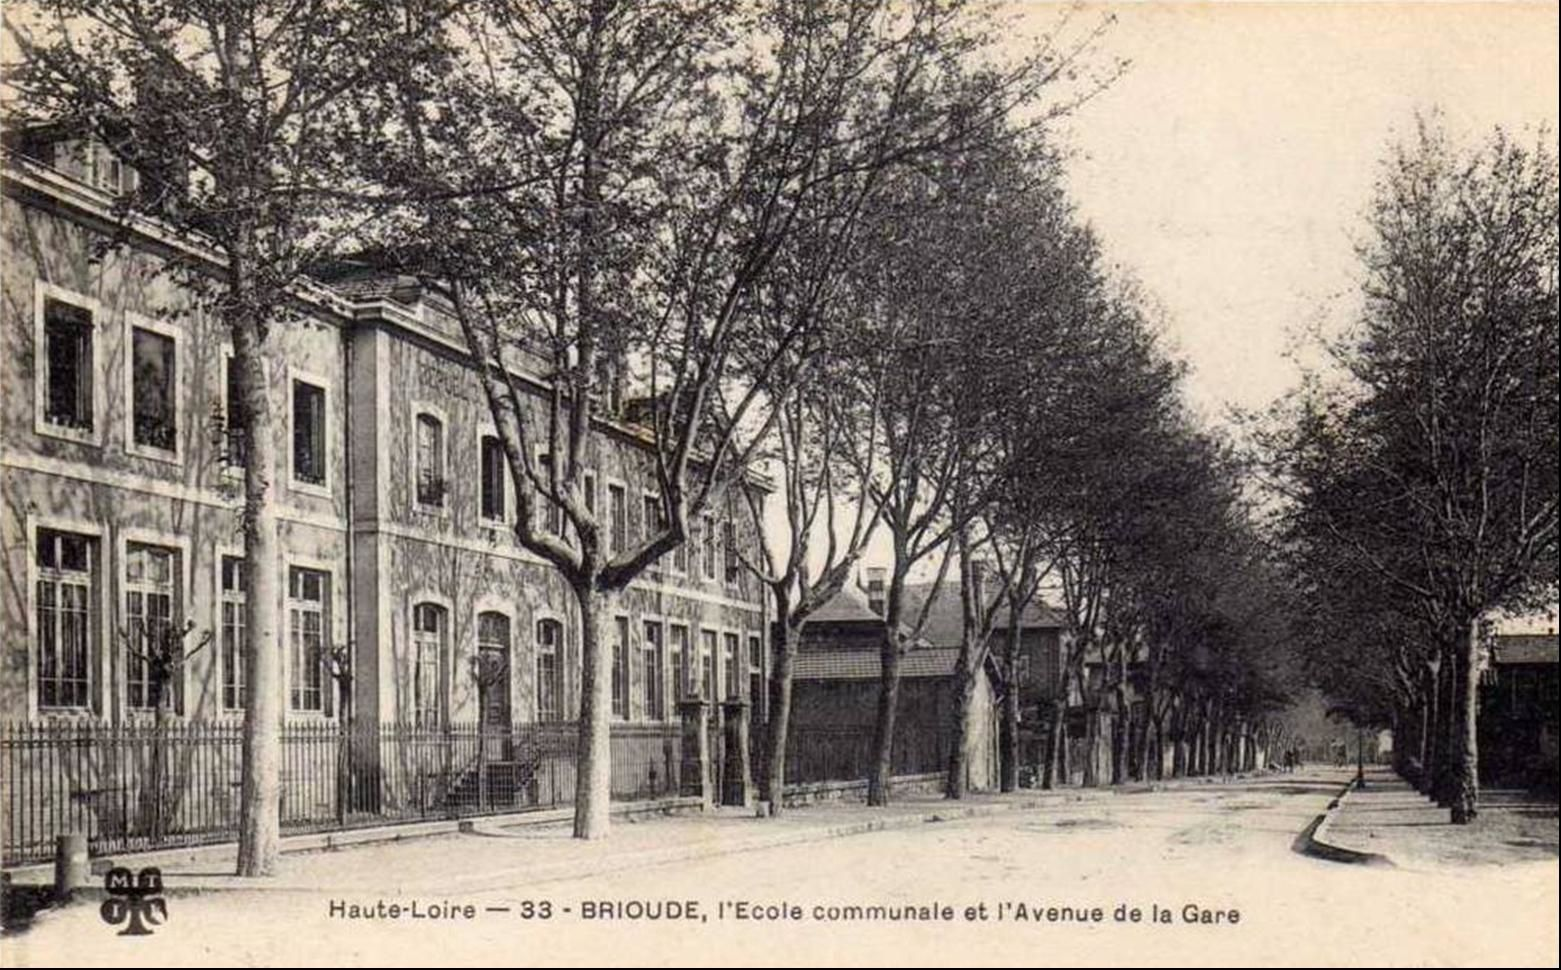 Les villes de Haute-Loire: Brioude